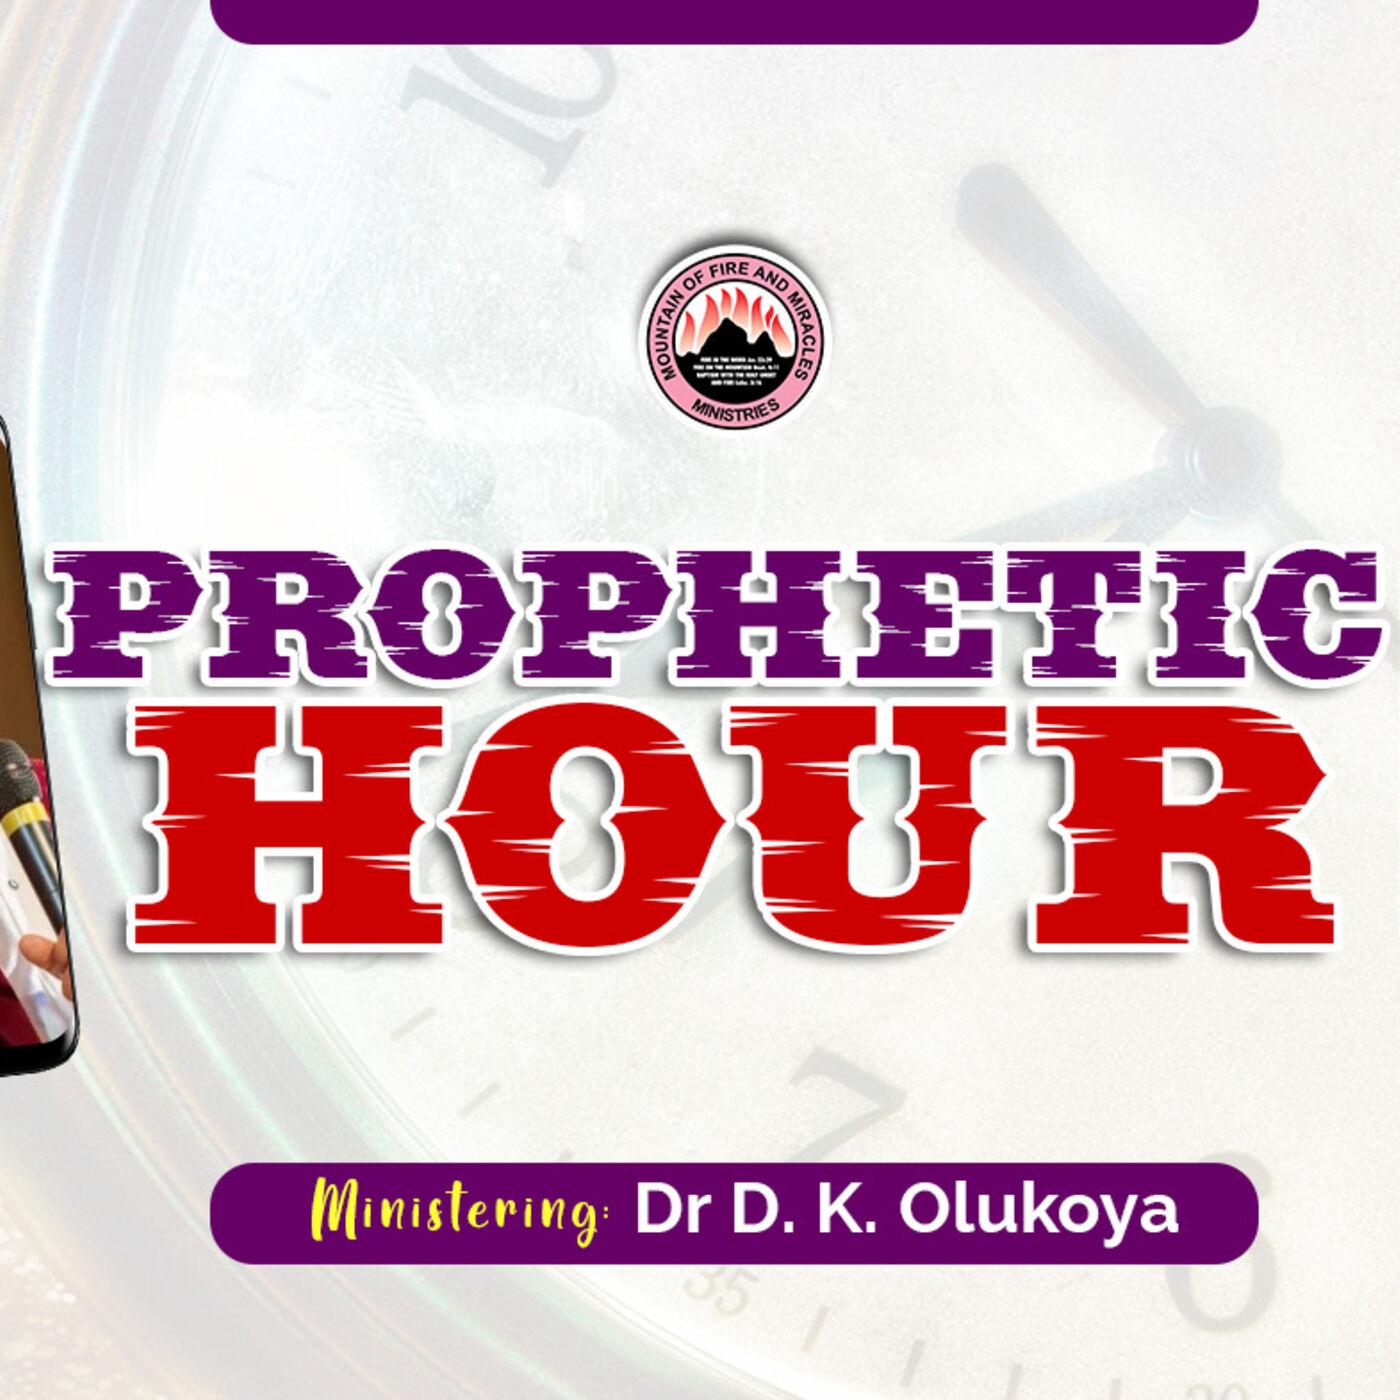 Prophetic Vitamin 1- Dr D. K. Olukoya